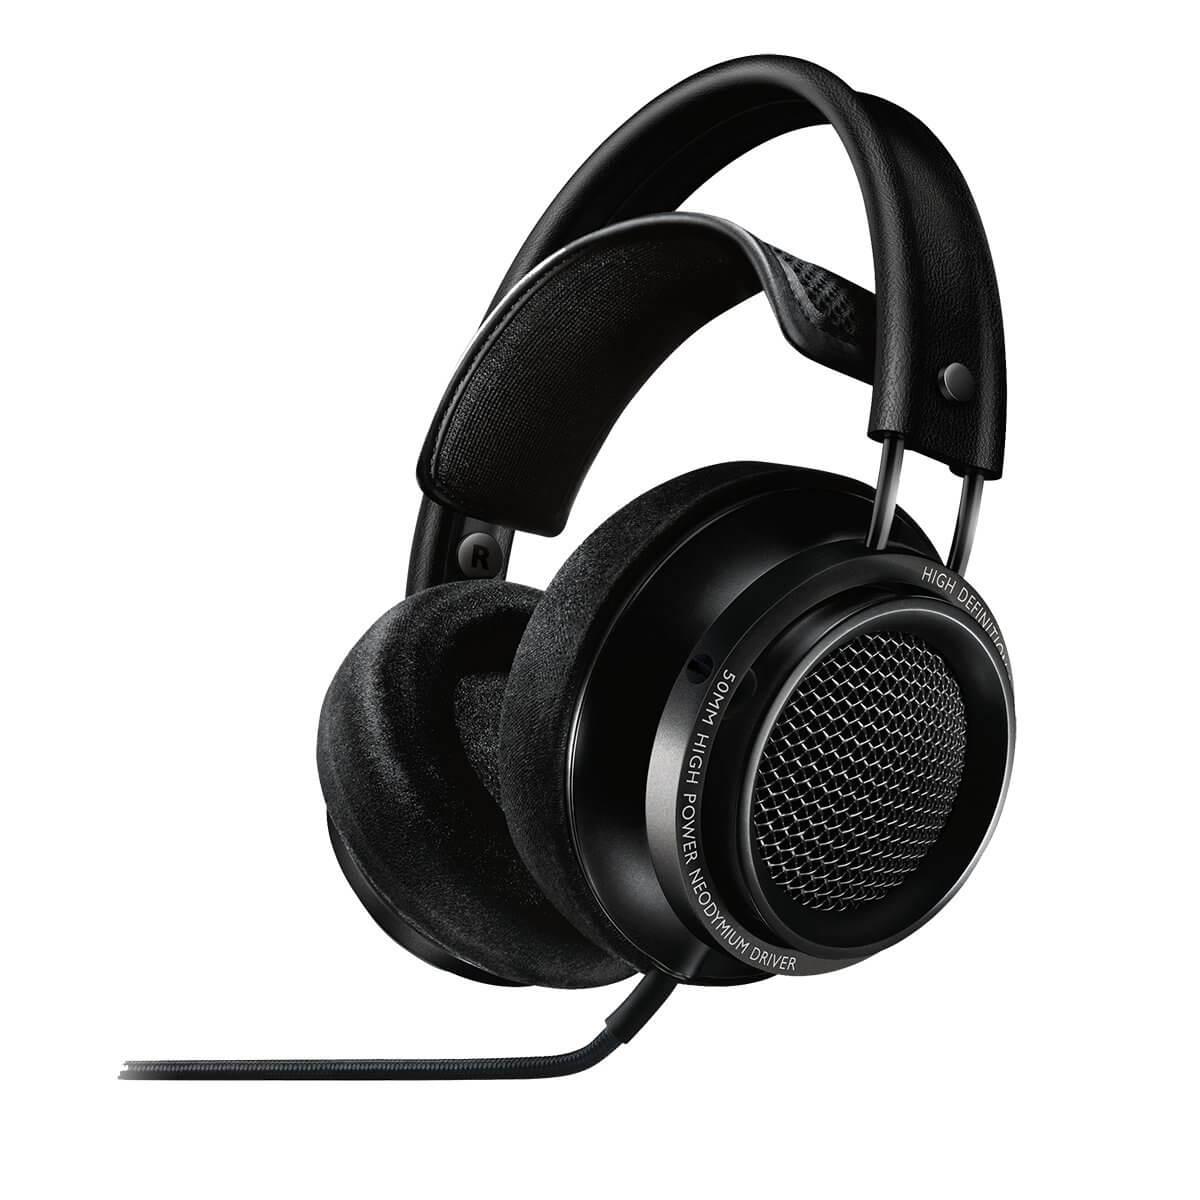 Philips X2/27 Fidelio Over-Ear